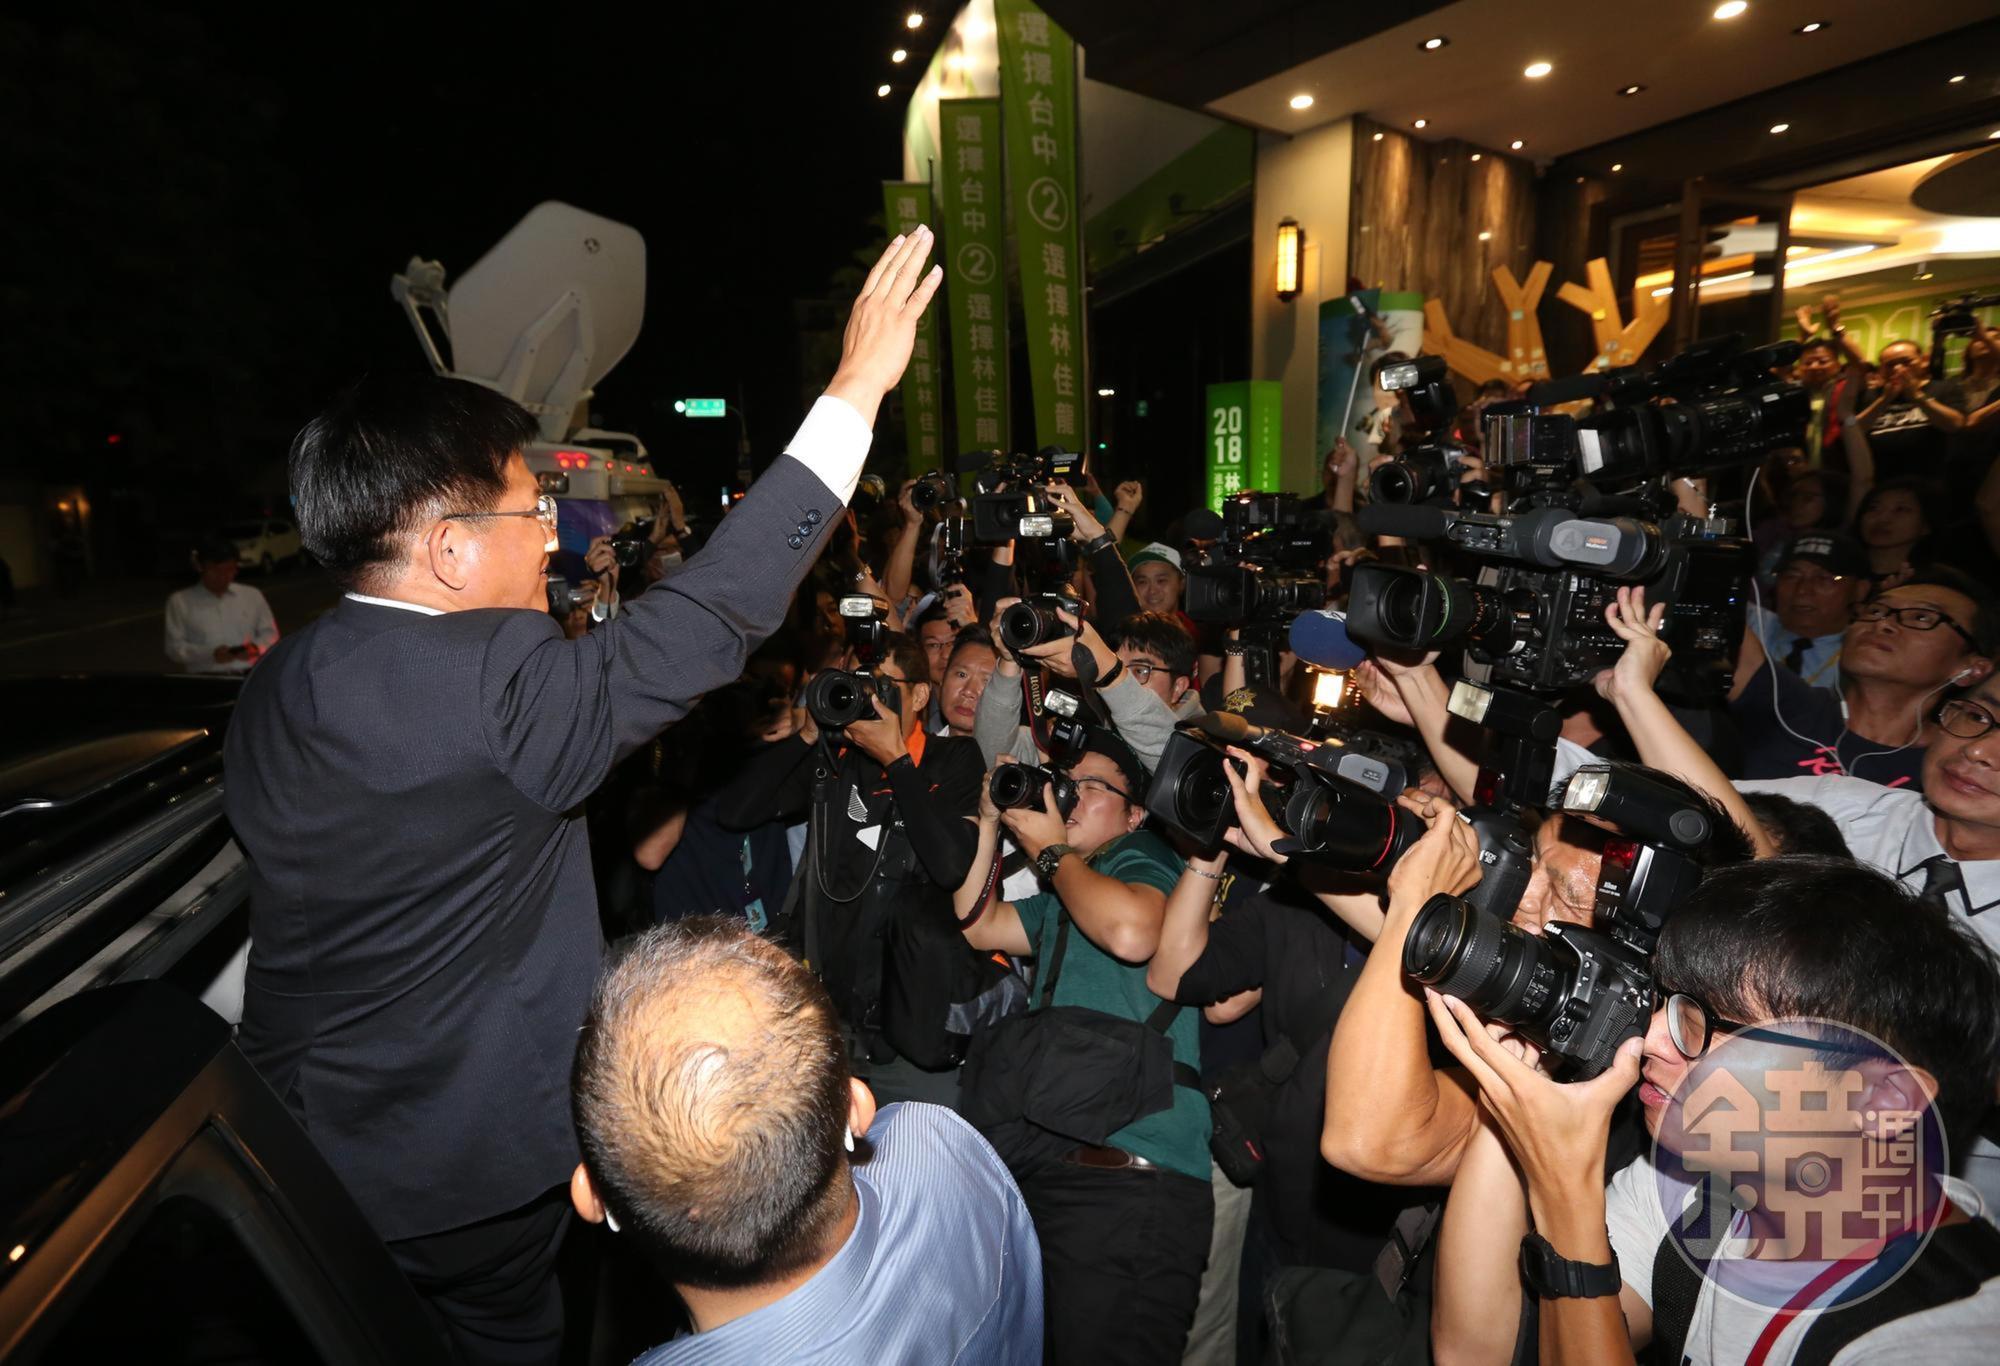 敗選後,林佳龍快步離場走上座車,關門前臨時轉身揮手,回應支持者的加油聲。